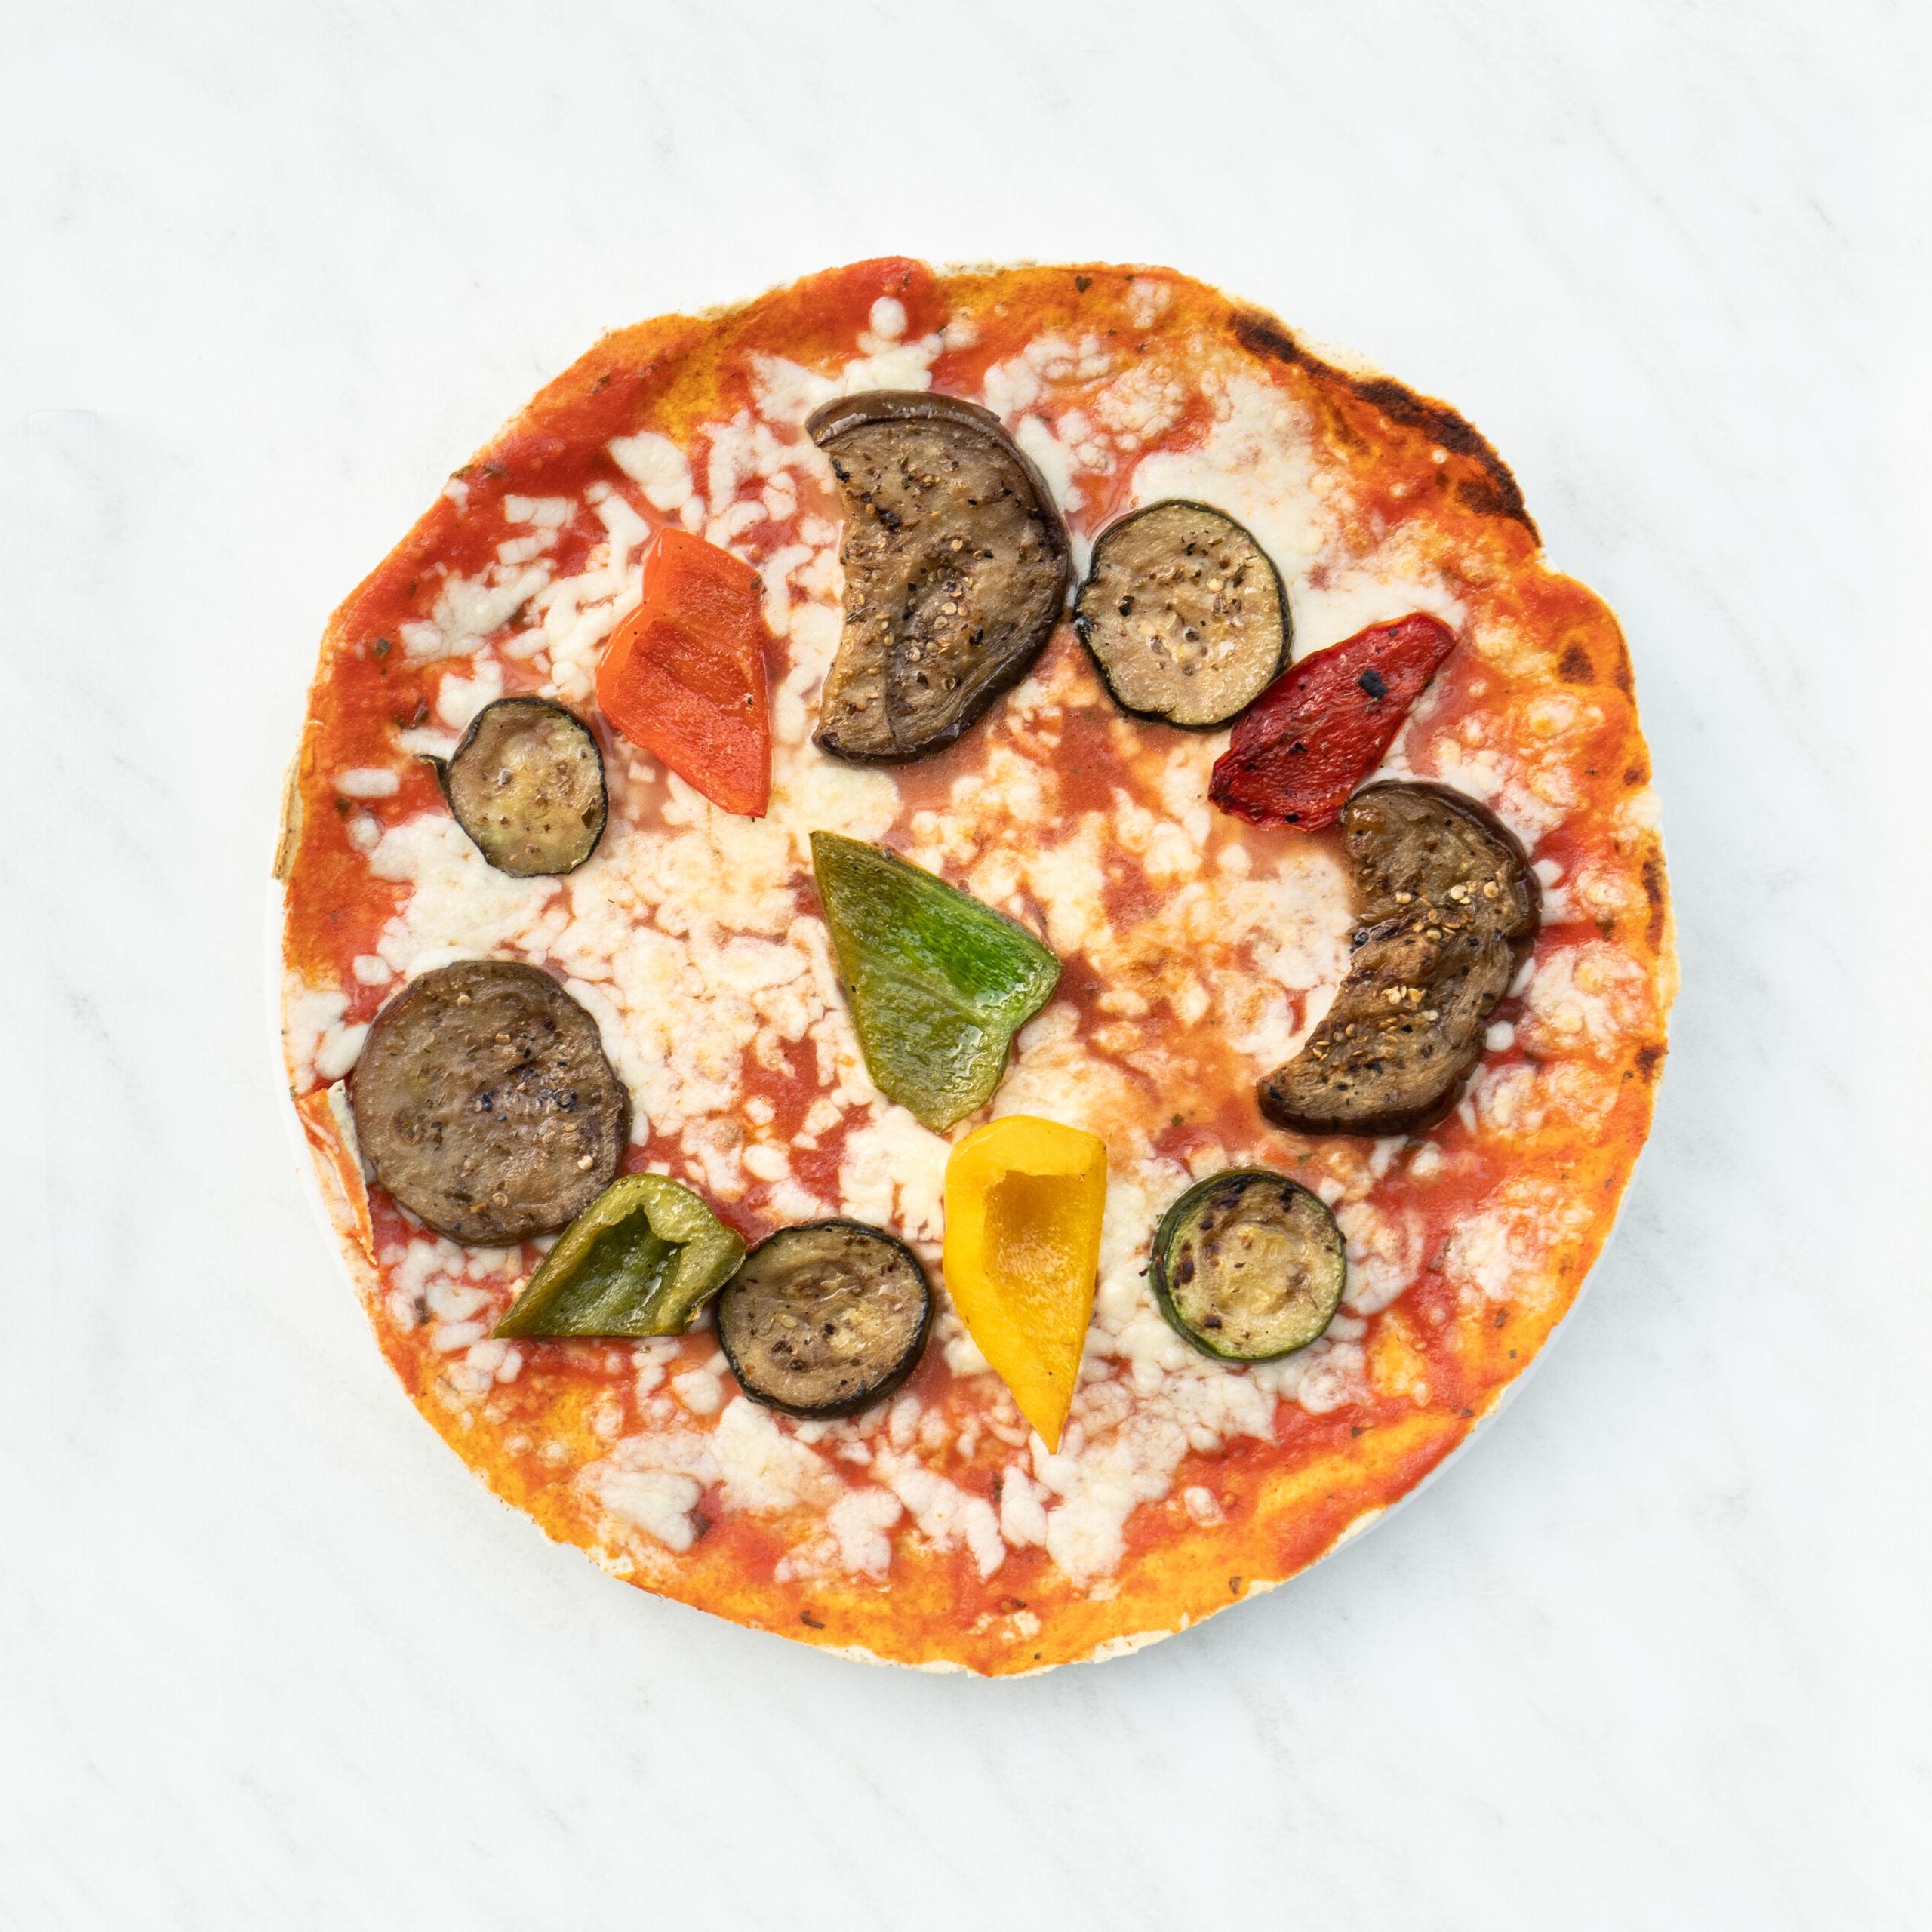 piadera Vegetarian-scaled-e1584248598832 our menu